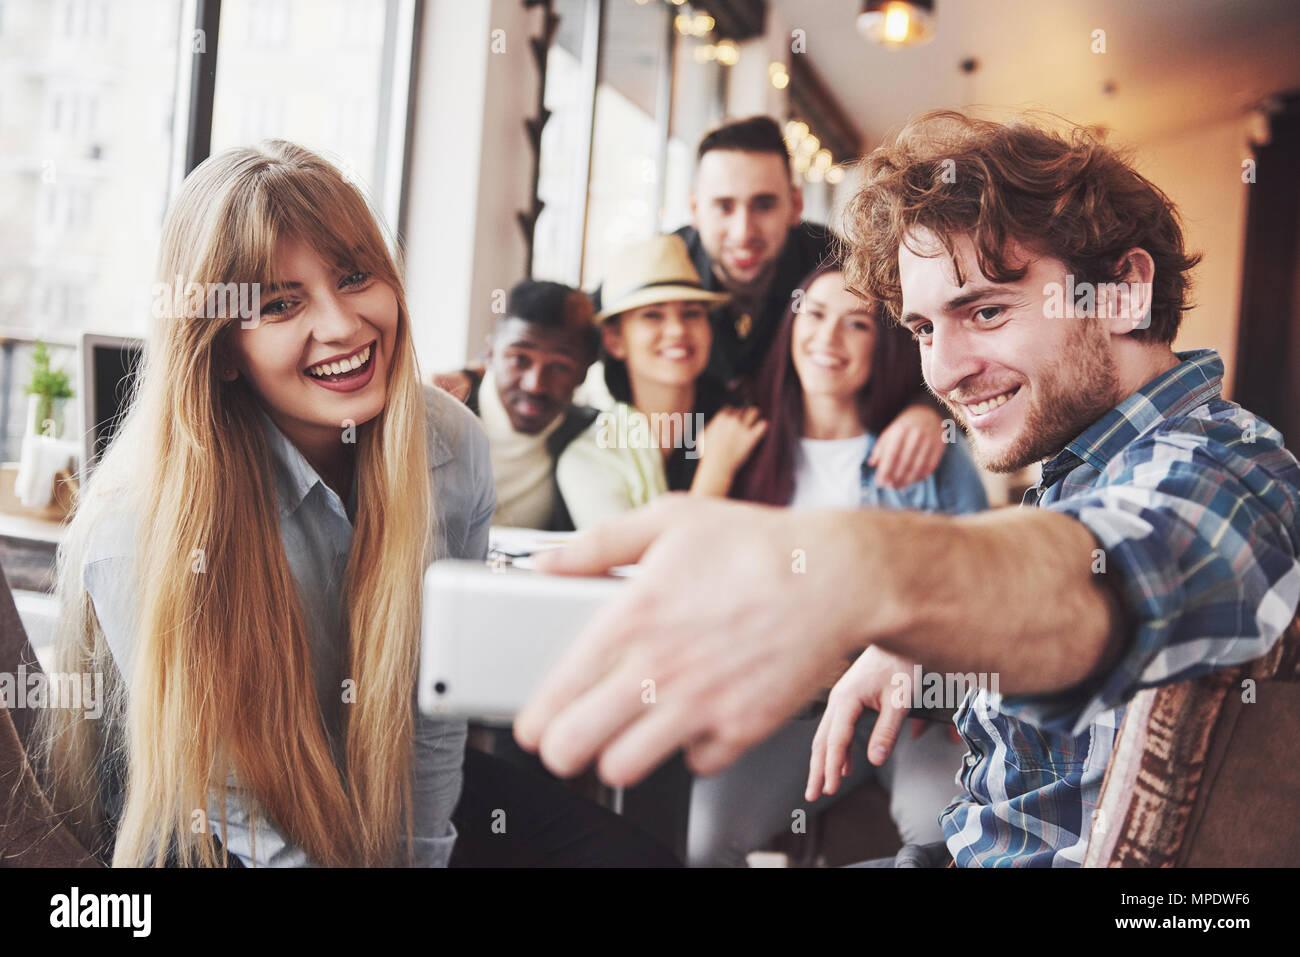 Portrait de groupe de vieux amis communiquer les uns avec les autres, ami posant sur cafe style urbain, les gens s'amuser, des concepts à propos de l'Unité jeunesse de vie. Connexion Wi-Fi au réseau local connecté Banque D'Images